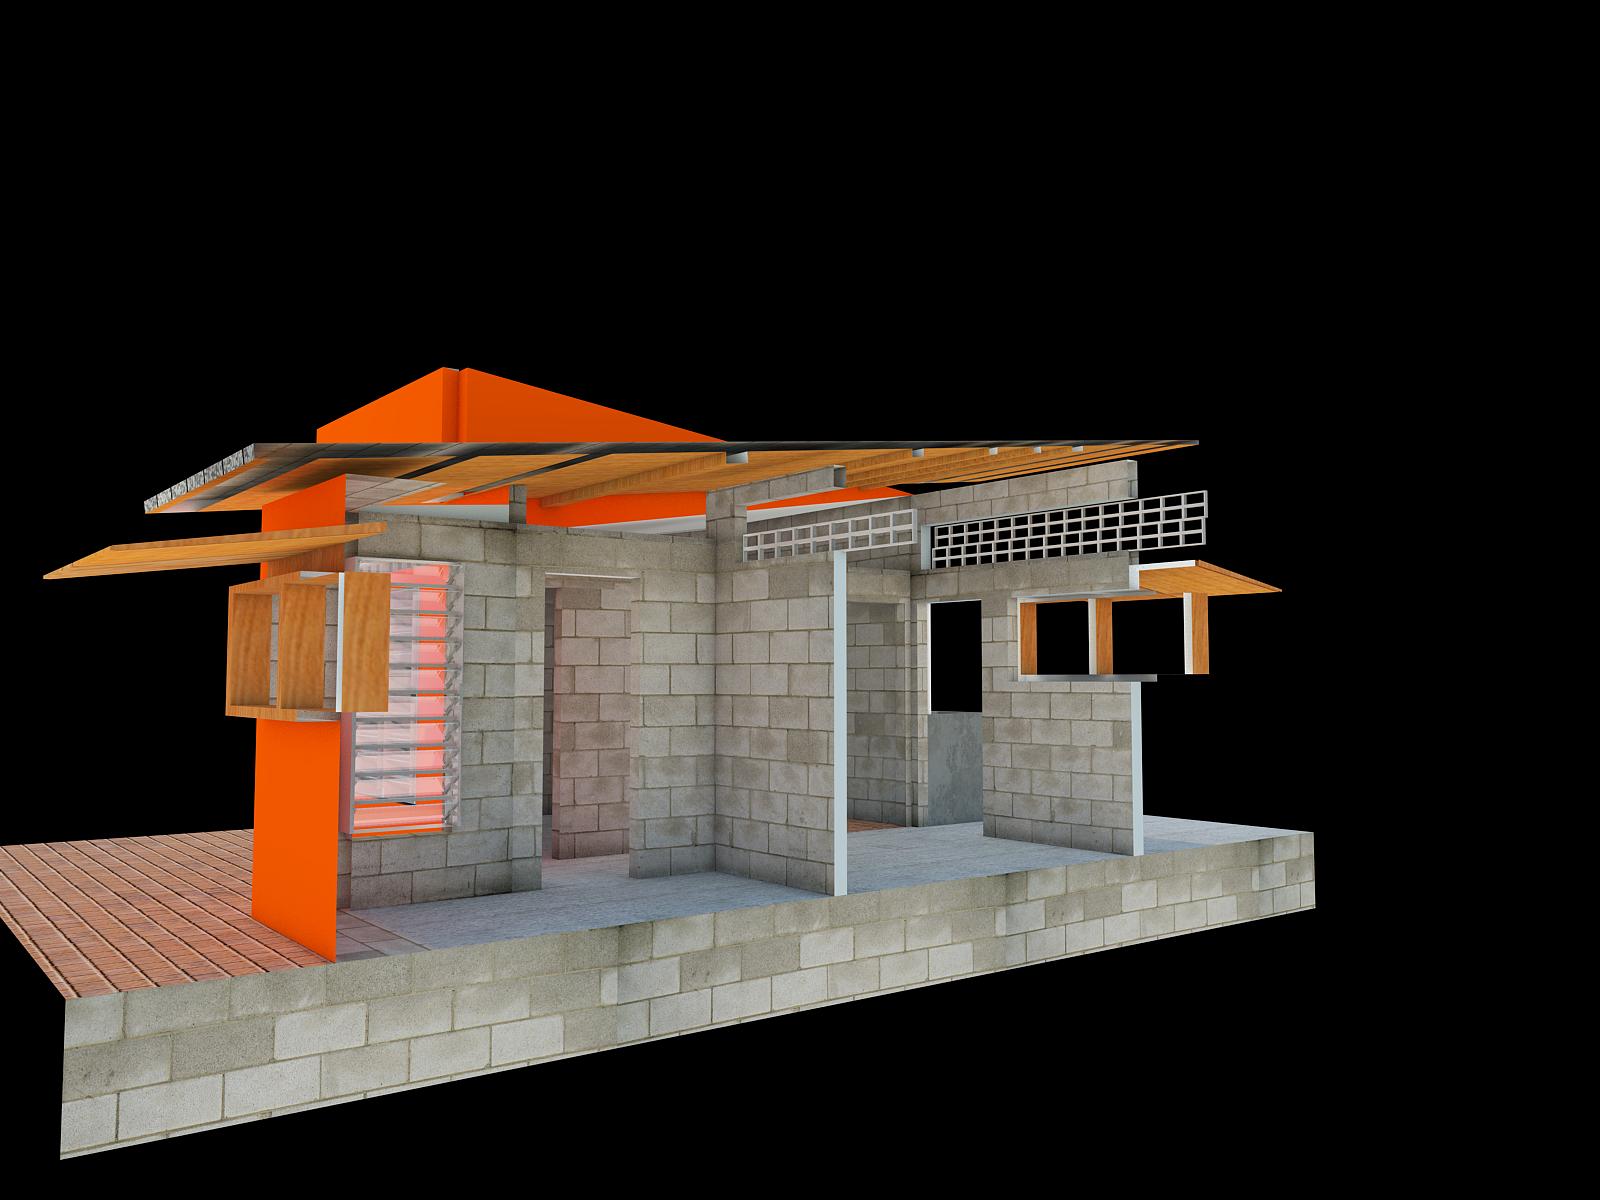 Proyecto de vivienda social en galapa atl ntico dise o de viviendas sociales - Diseno de viviendas ...